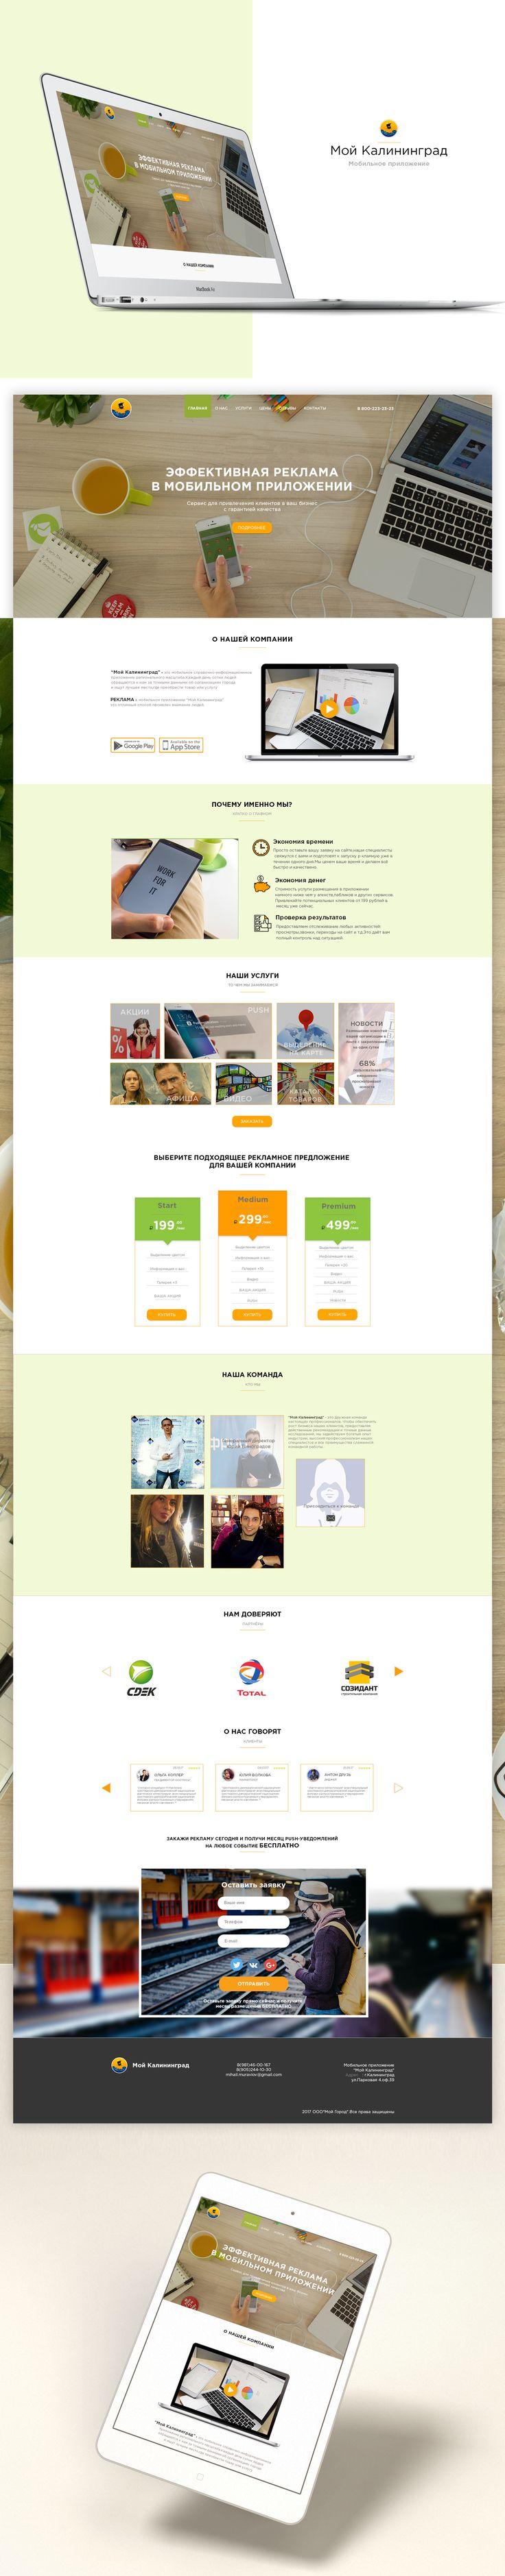 Ознакомьтесь с моим проектом @Behance: «Advertising in mobile.» https://www.behance.net/gallery/53833477/Advertising-in-mobile